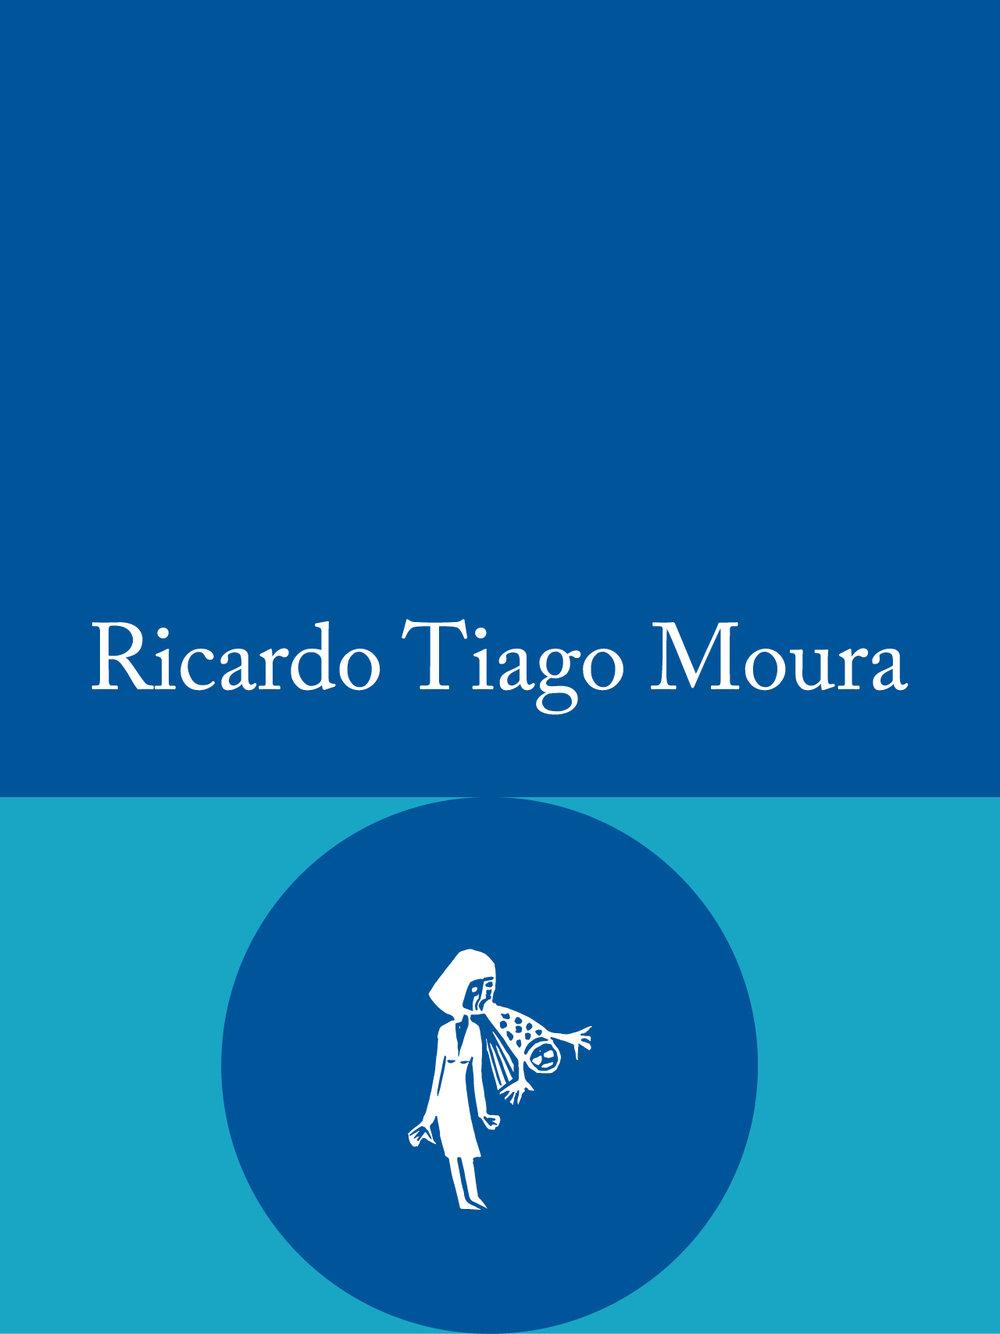 RicardoTMoura.jpg